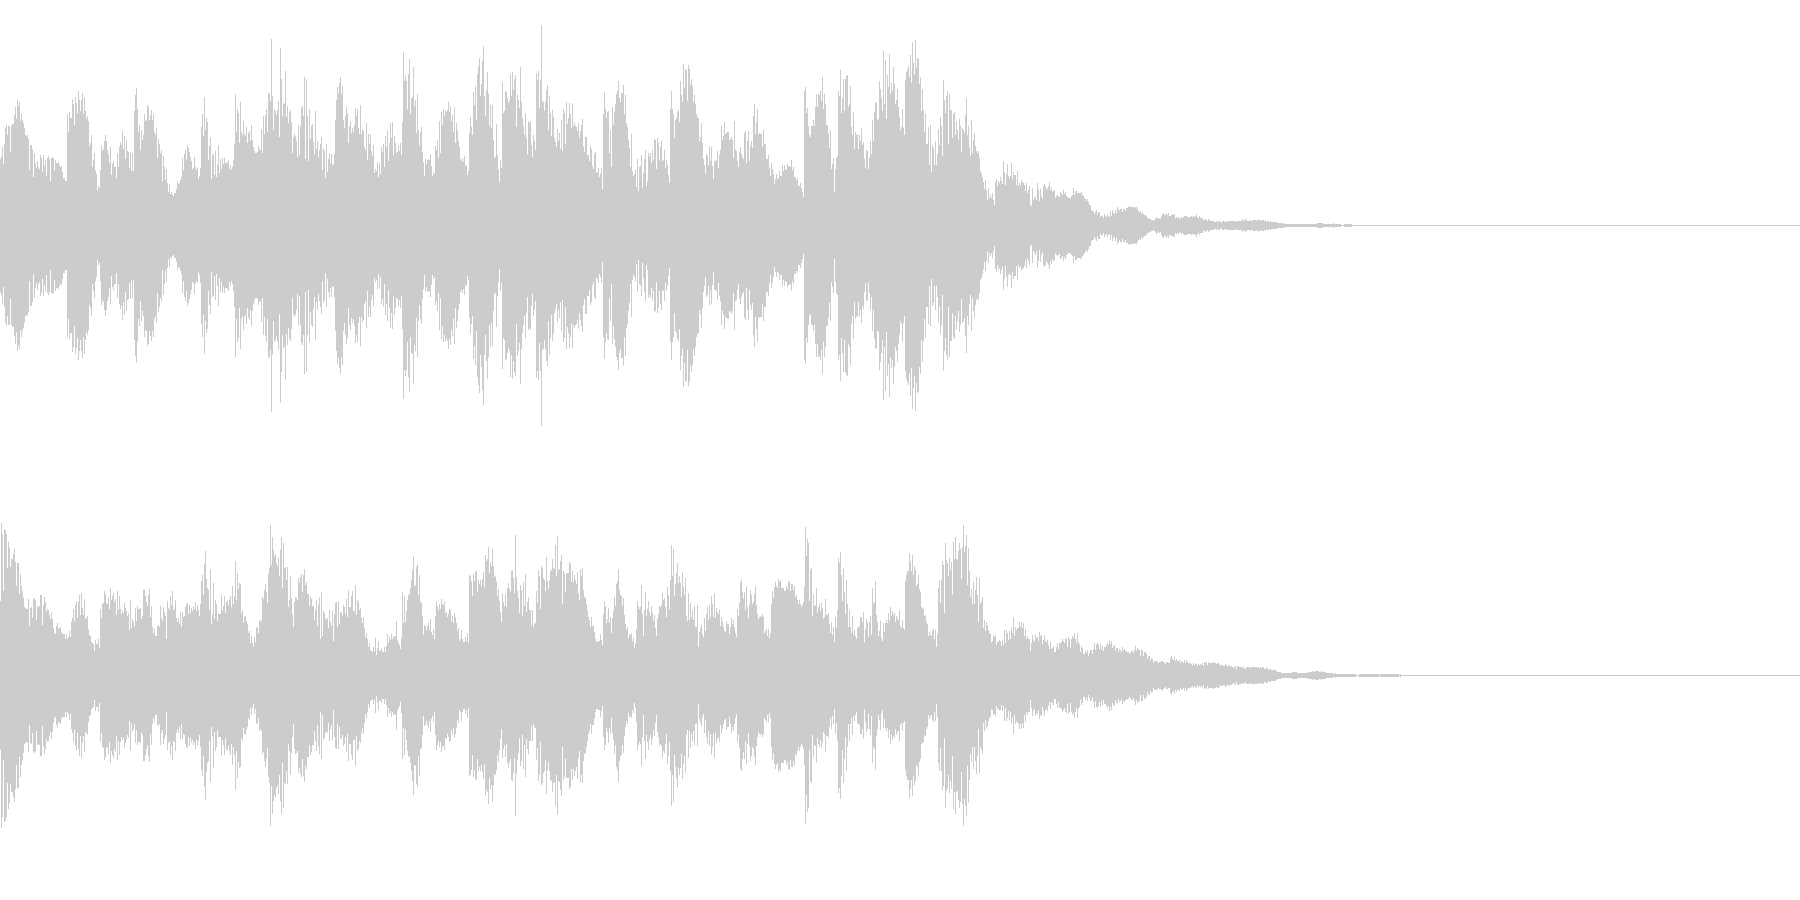 発車メロディー調のチャイムジングルの未再生の波形